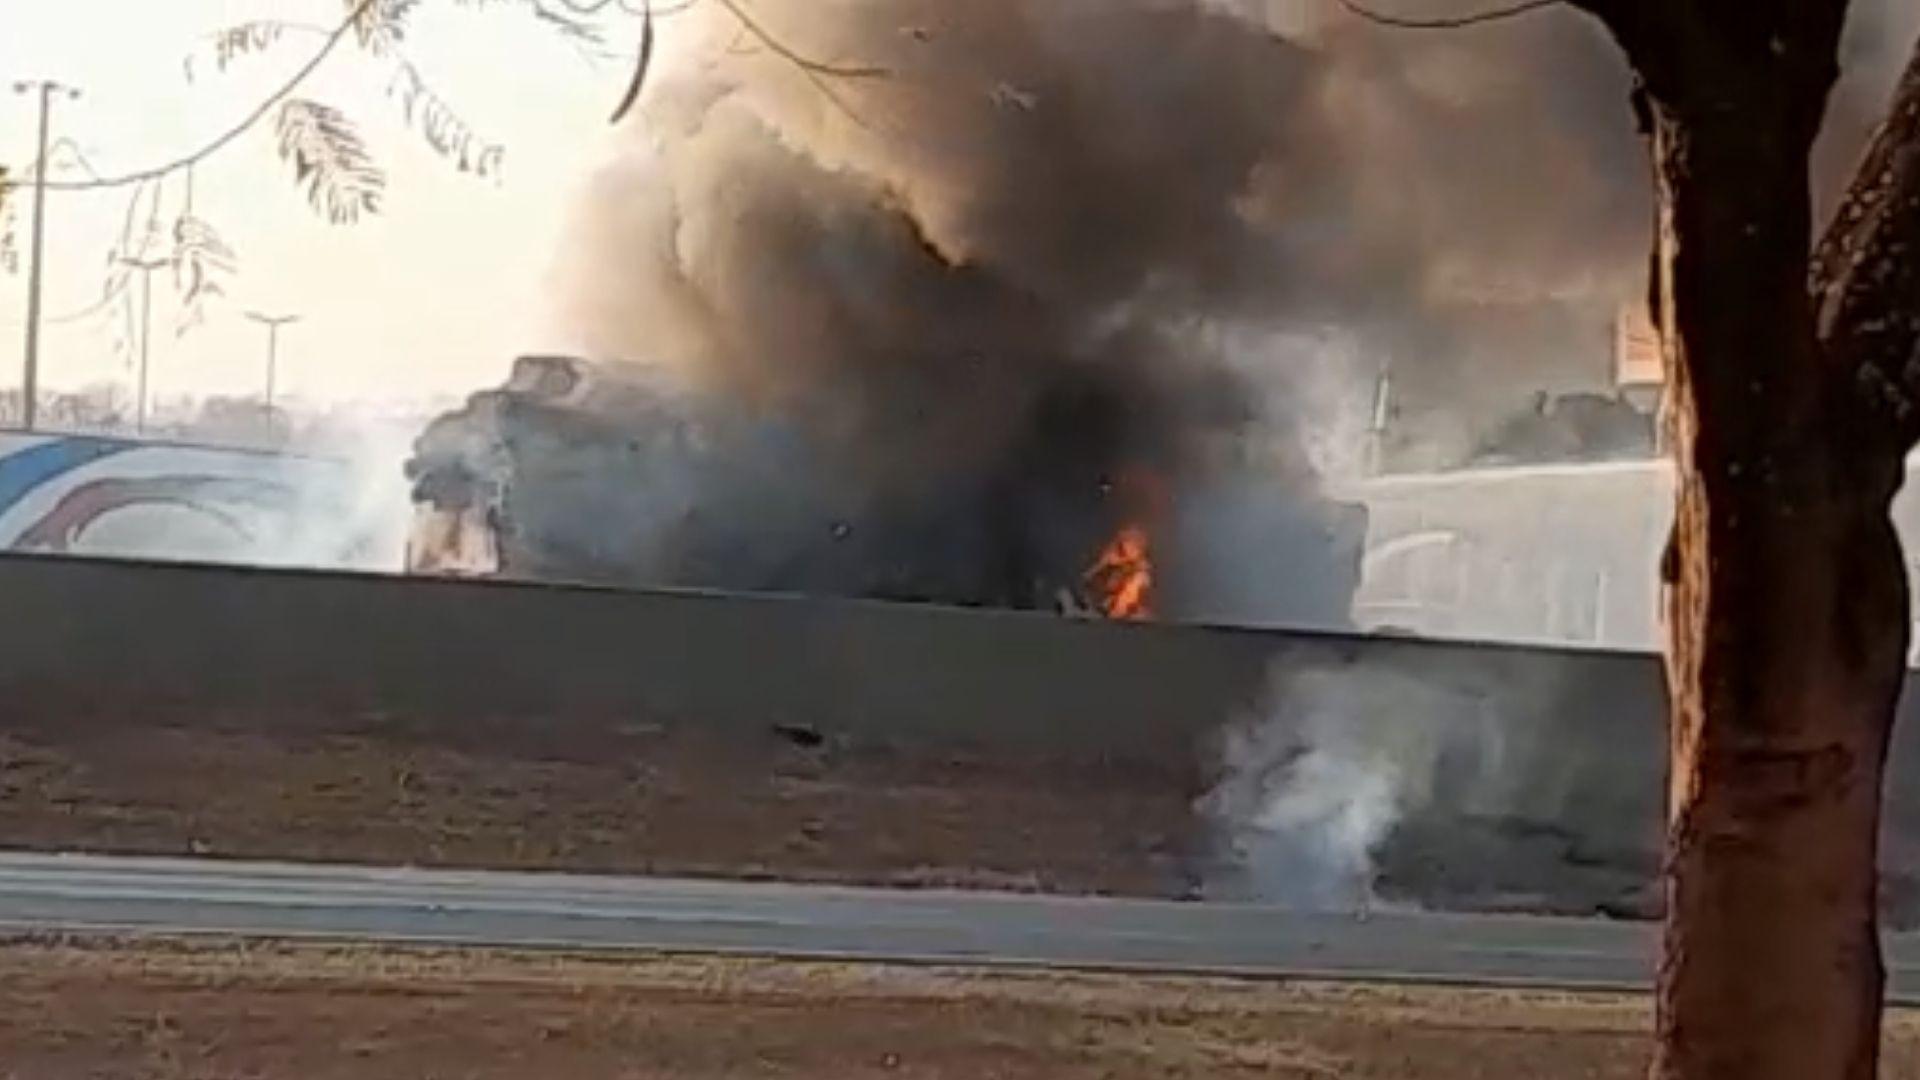 Motorista sai ileso após caminhão carregado de algodão pegar fogo em Guará, SP; VÍDEO